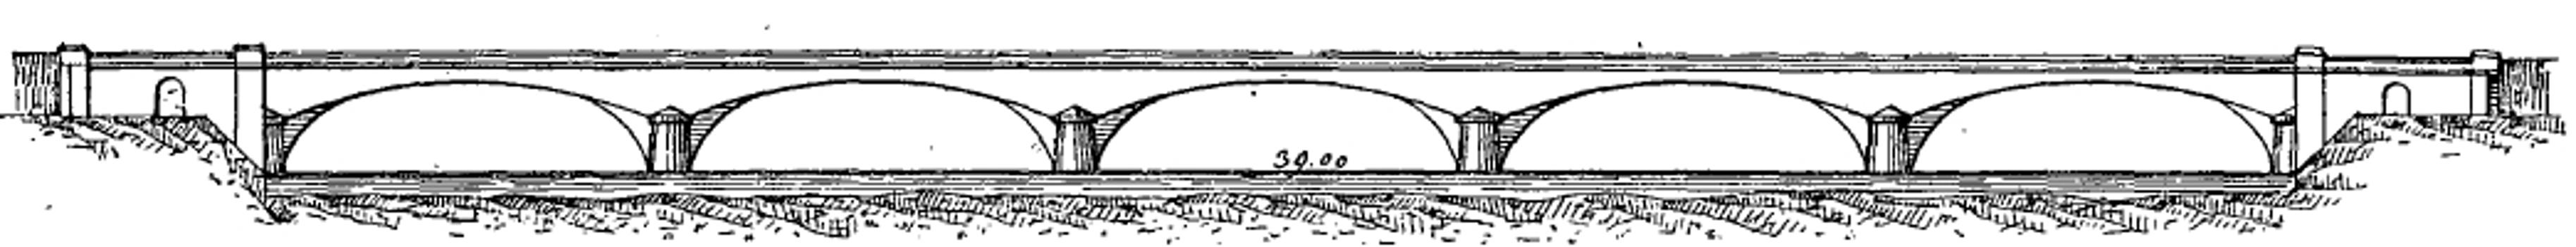 Pont de Neuilly - Dessin de Chaix dans son livre sur les ponts - Coupe longitudinale